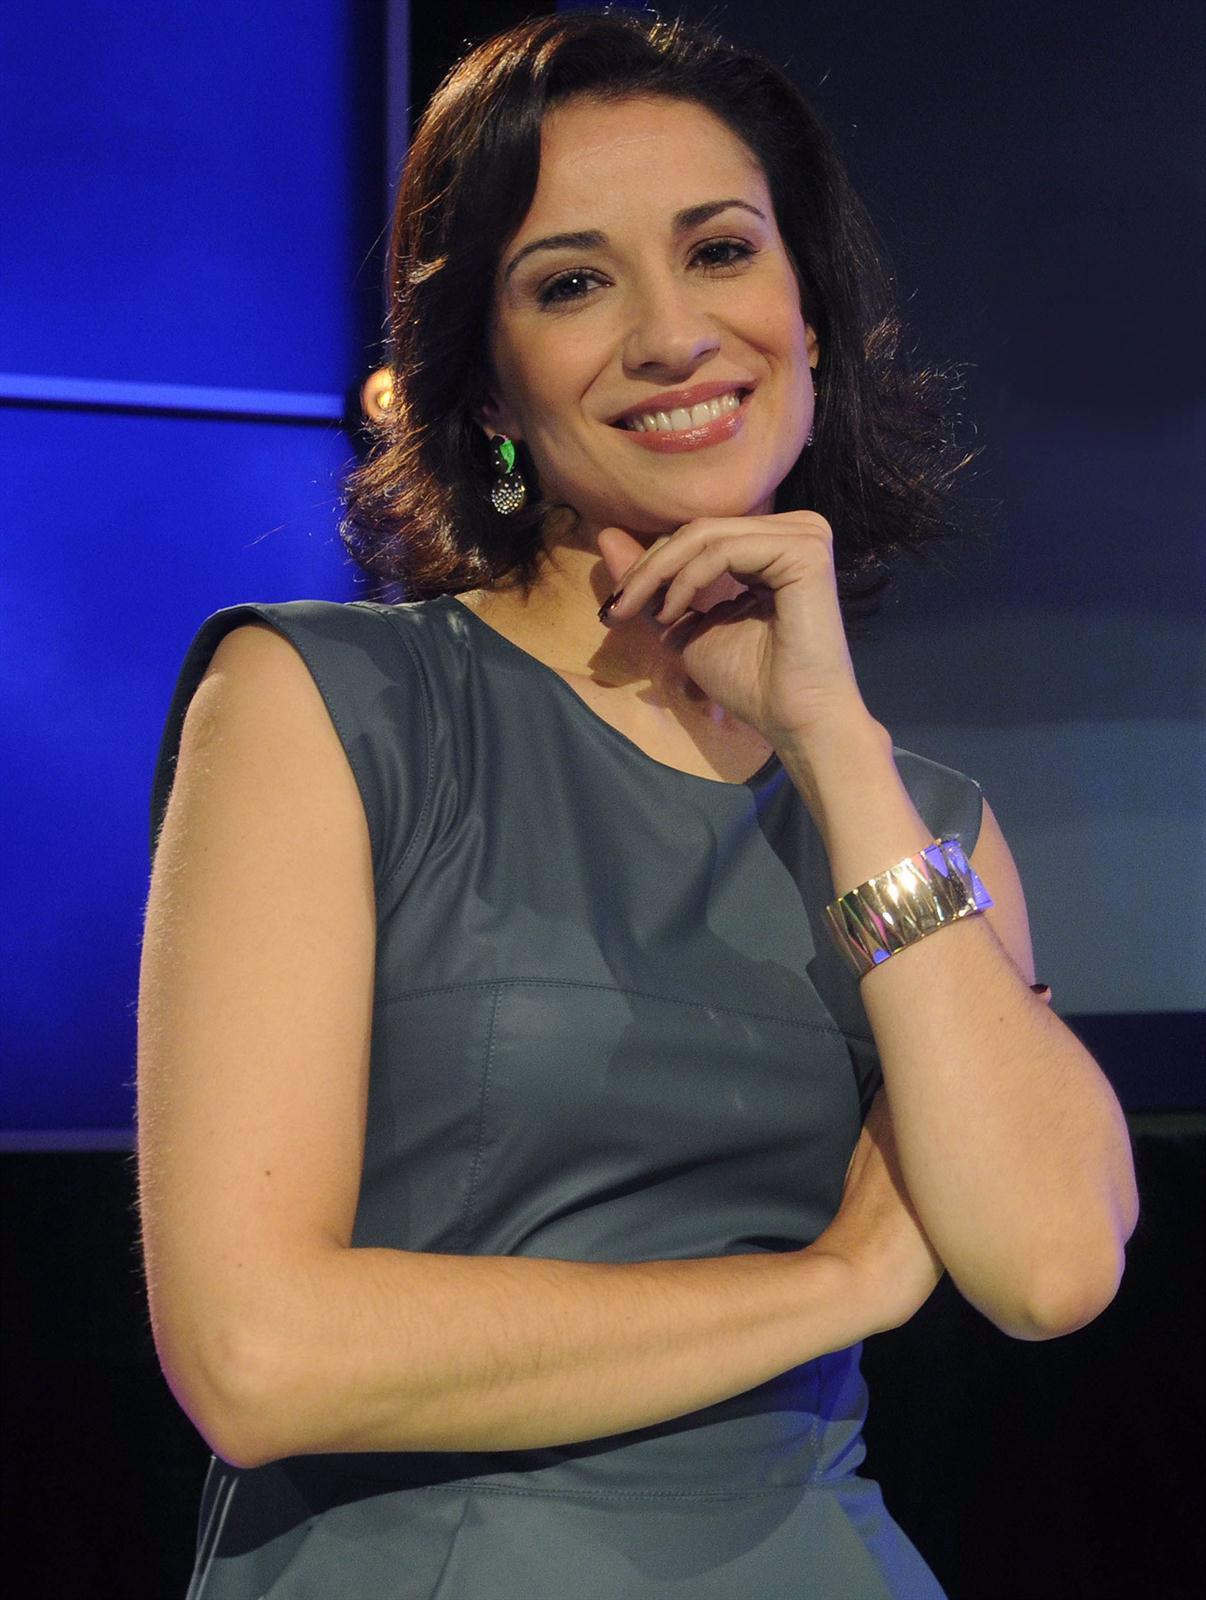 La presentadora Silvia Jato